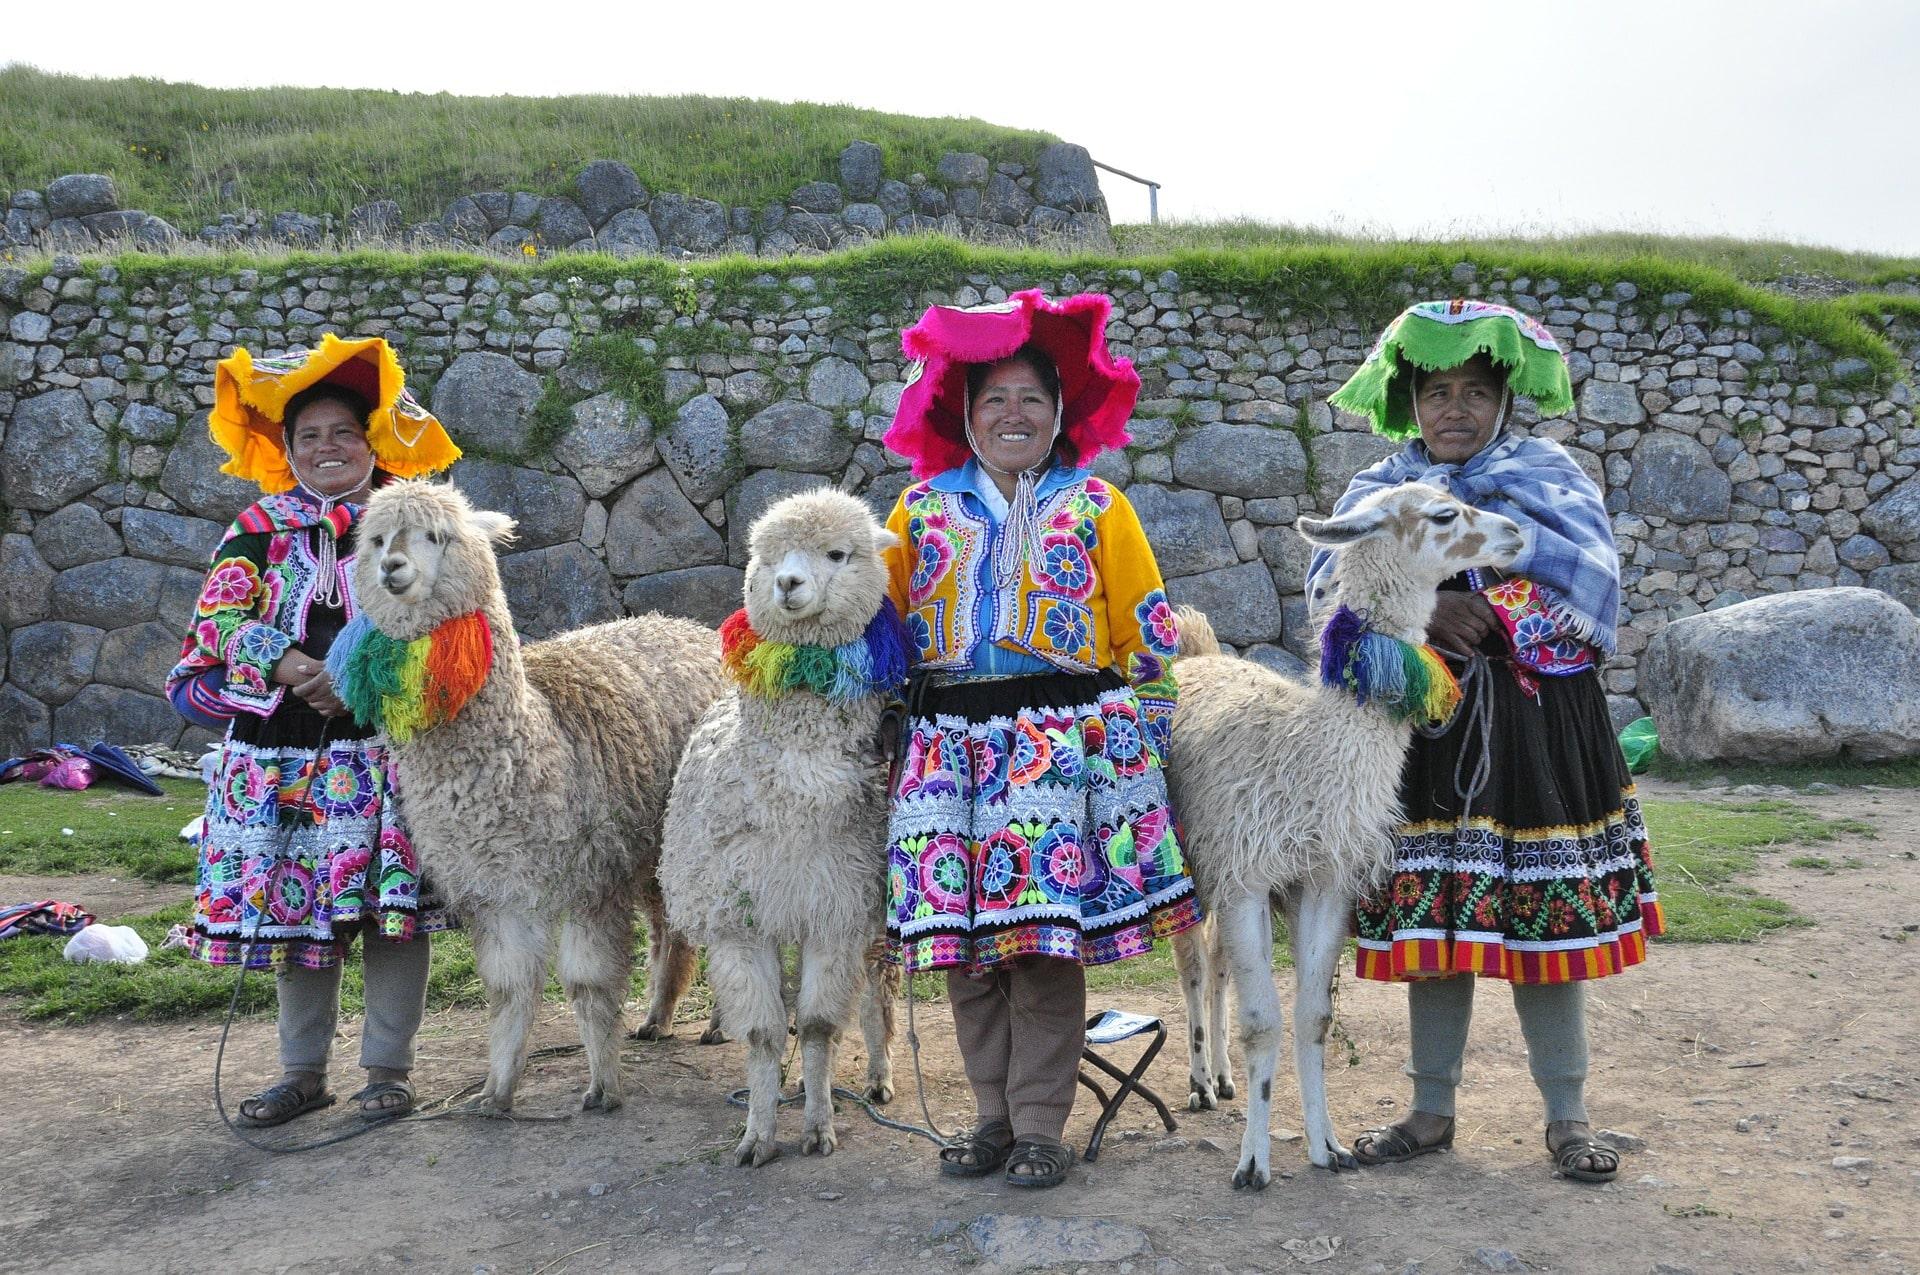 3 Frauen mit Alpaka in Peru Traditionell gekleidet